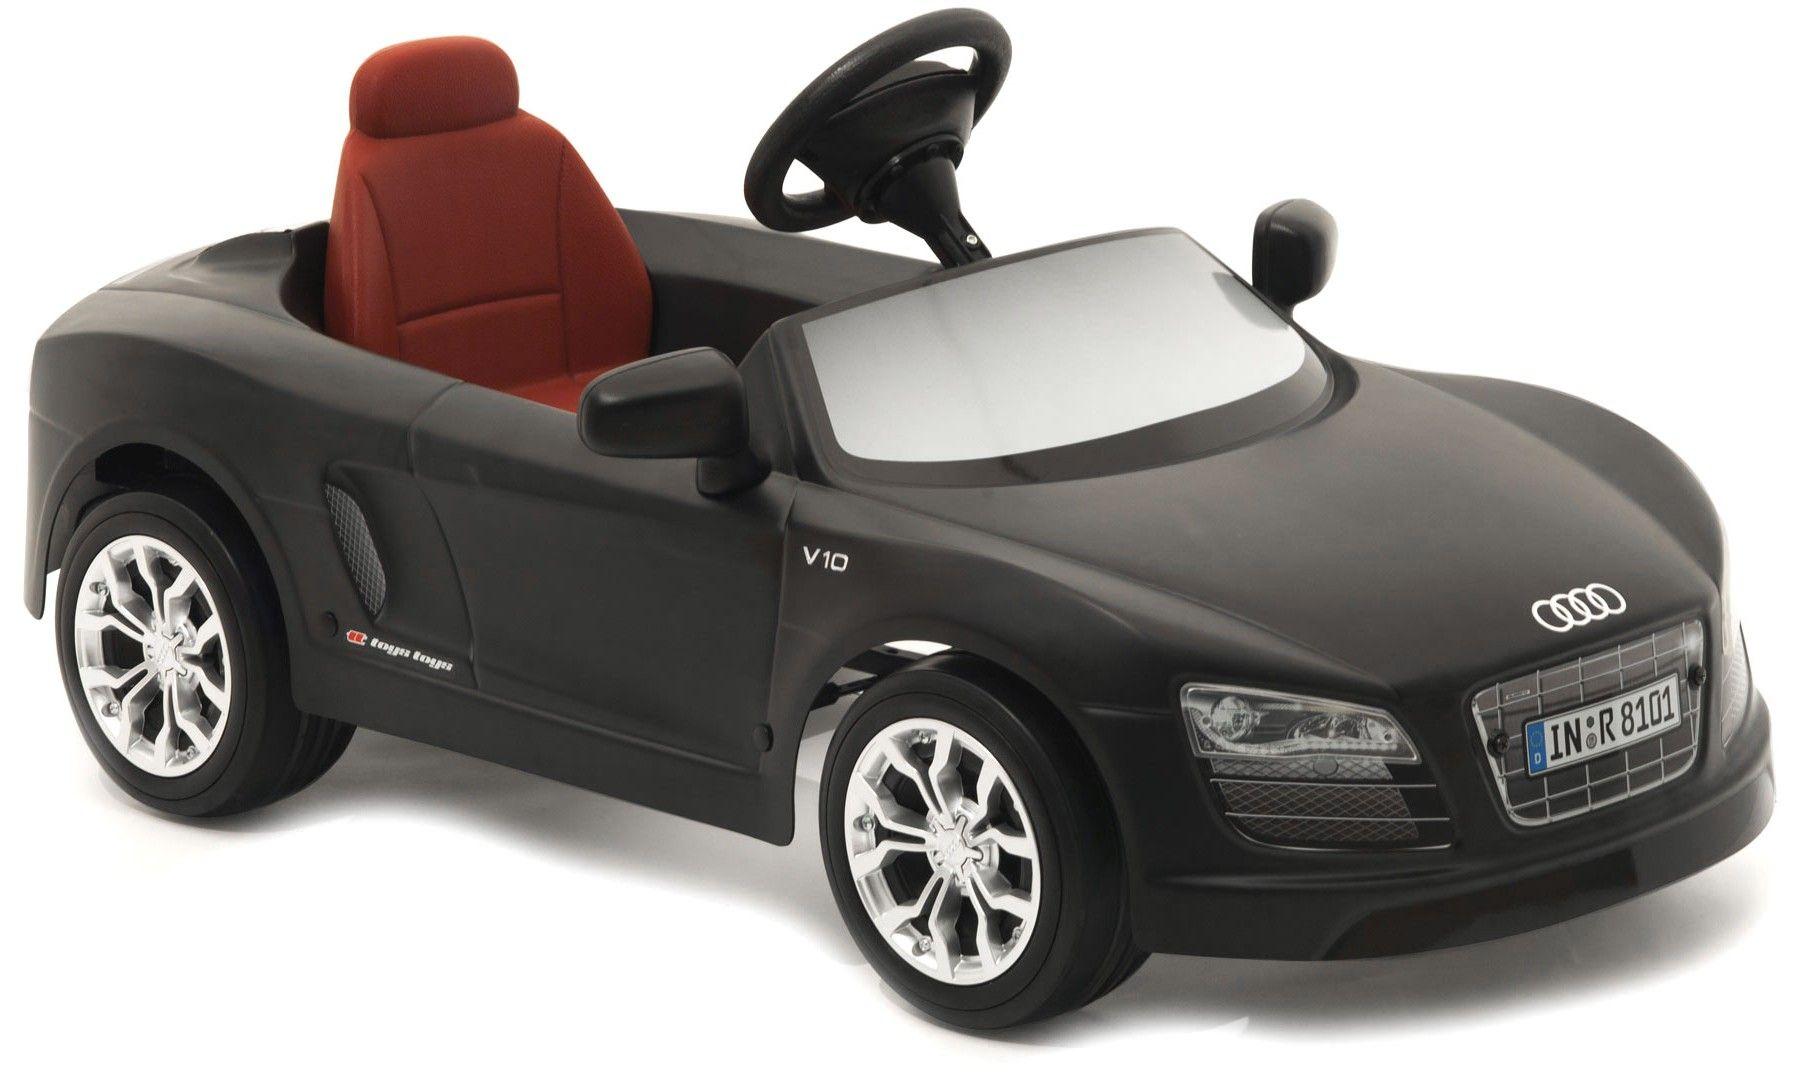 Audi R Matt Black V TT Toys Toys Pinterest Toy Toy And Toy - Audi 6v car